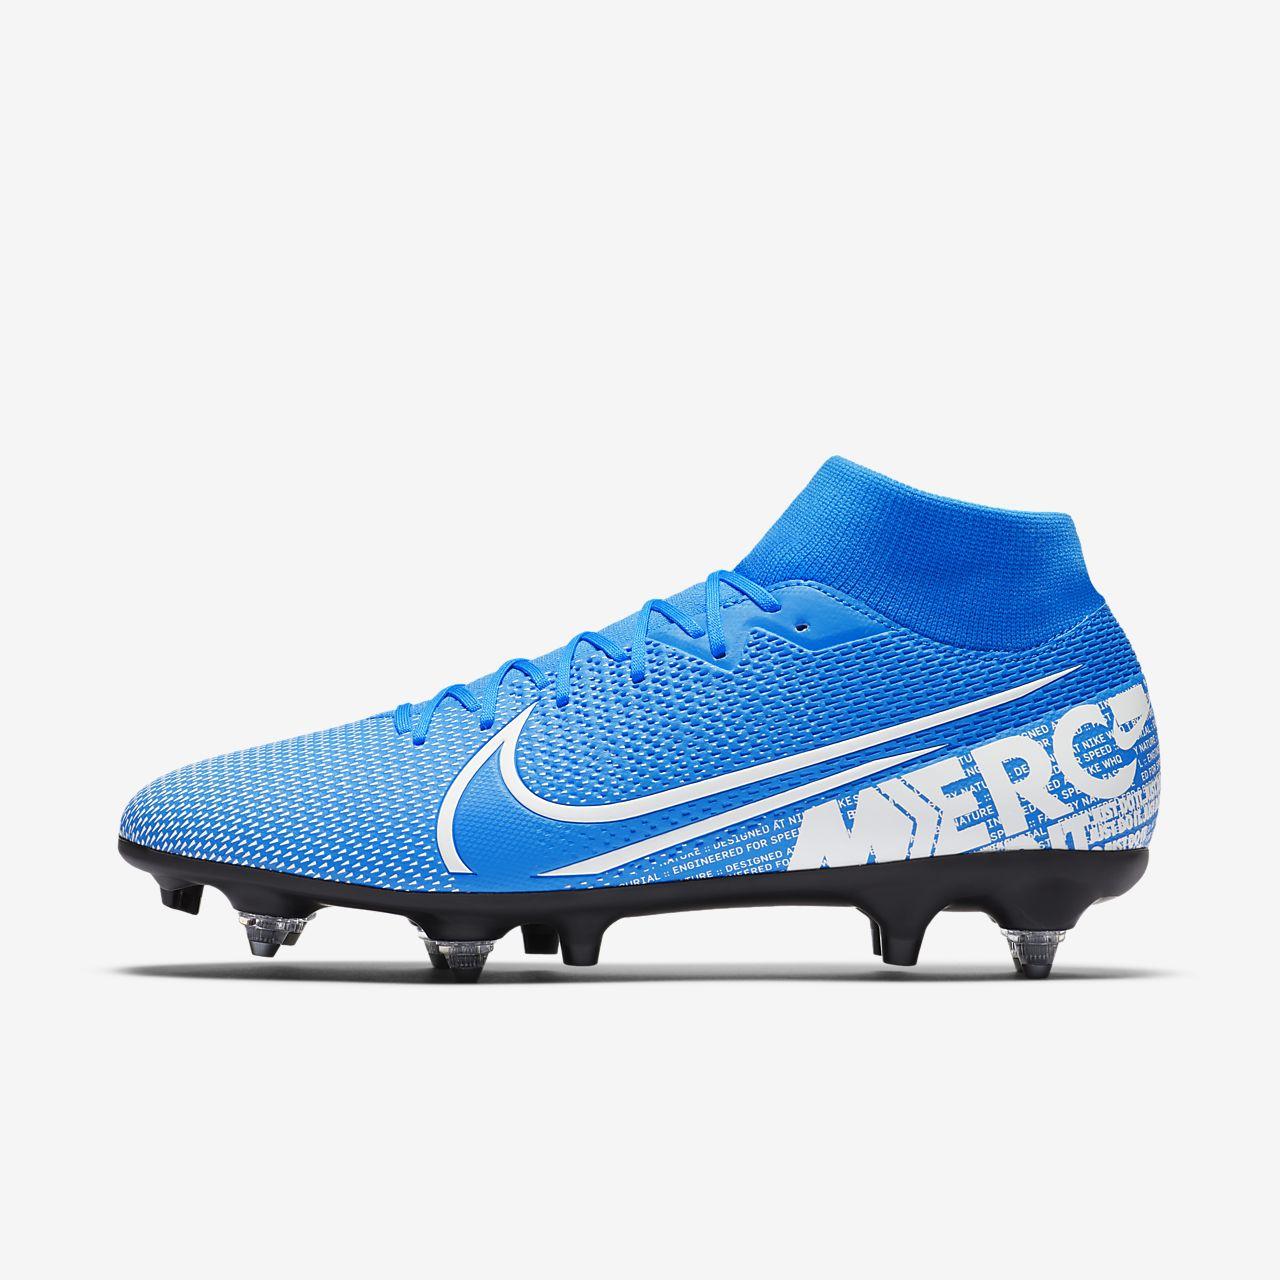 Scarpa da calcio per terreni morbidi Nike Mercurial Superfly 7 Academy SG PRO Anti Clog Traction